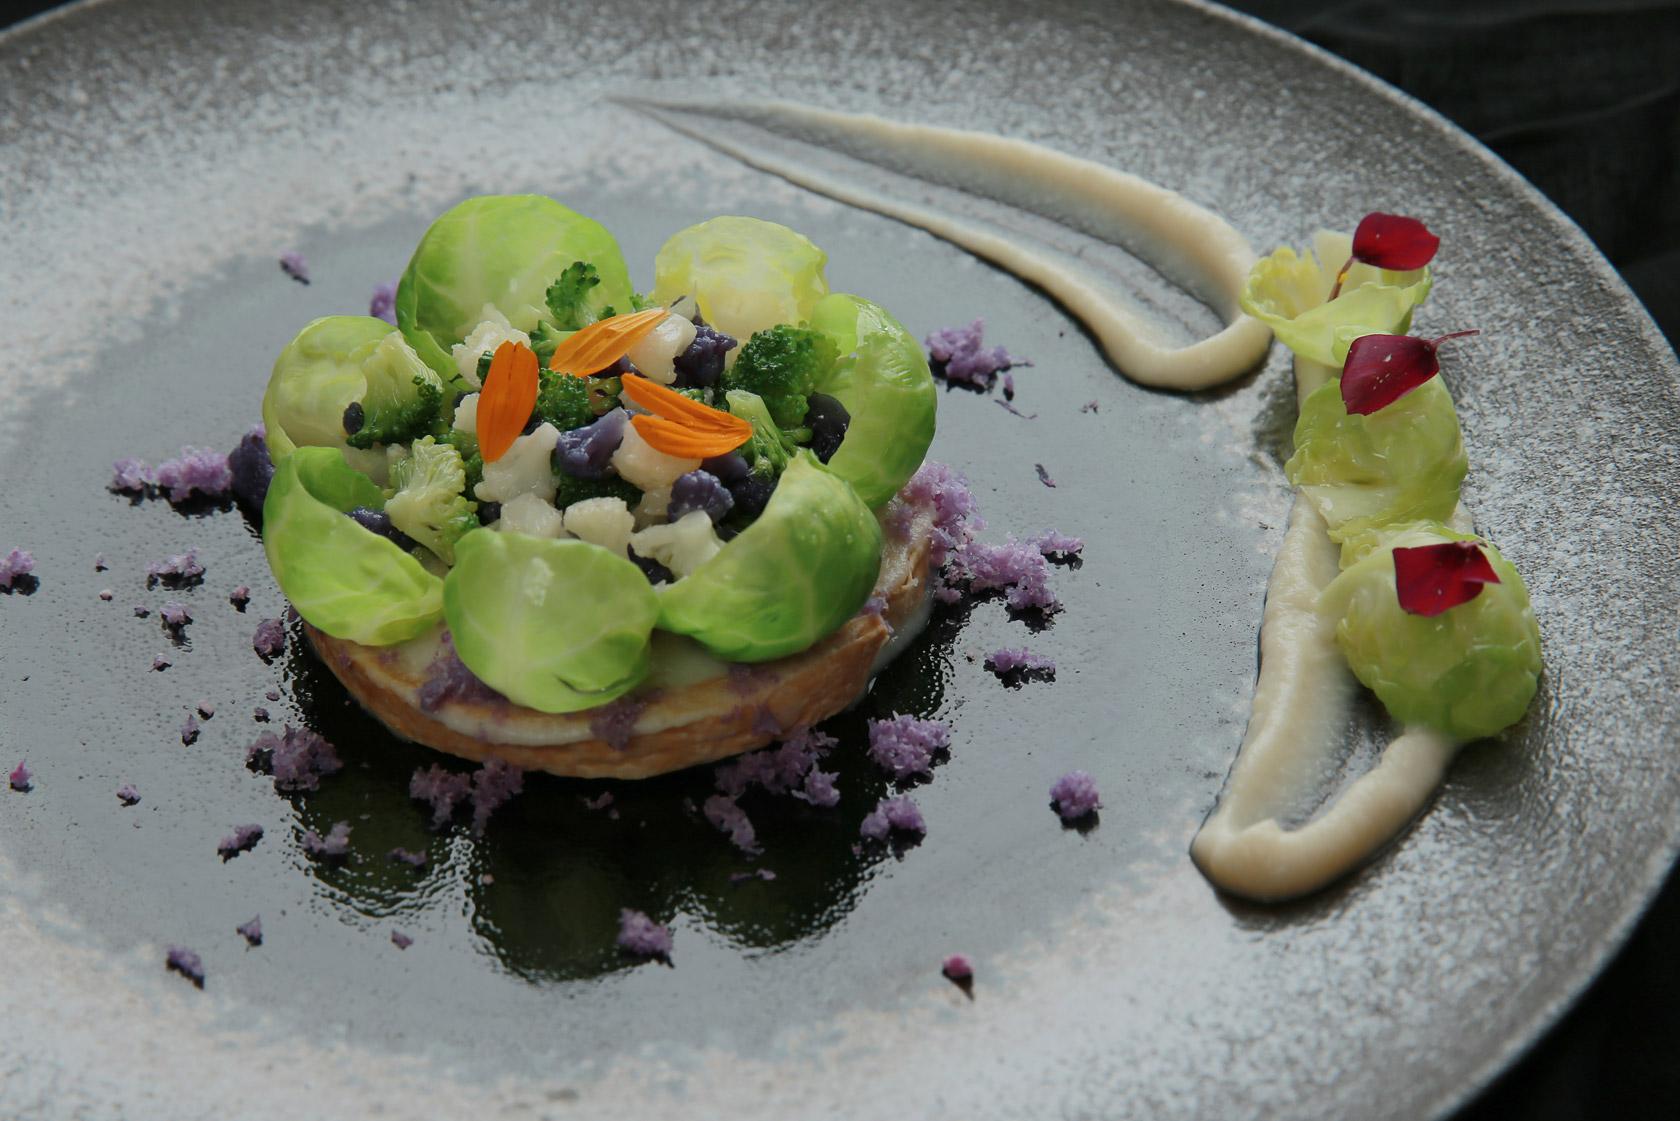 arnolfo_gaetano-trovato-chef-architetture-vegetali-2